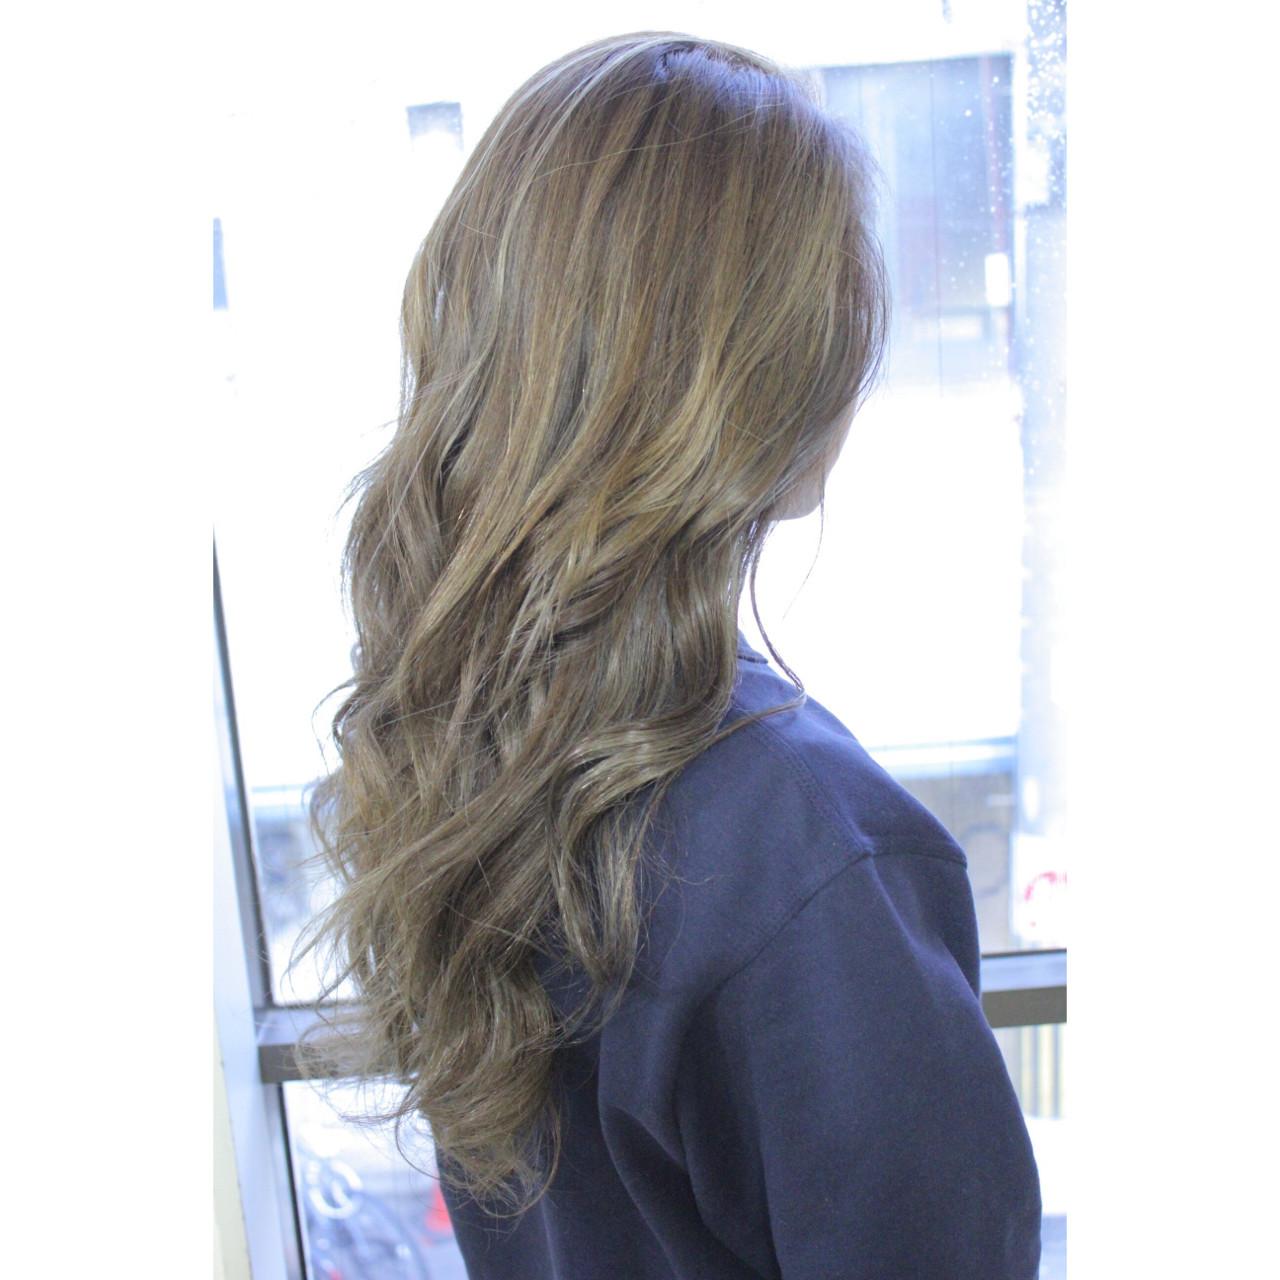 フリンジバング デート 色気 マッシュ ヘアスタイルや髪型の写真・画像